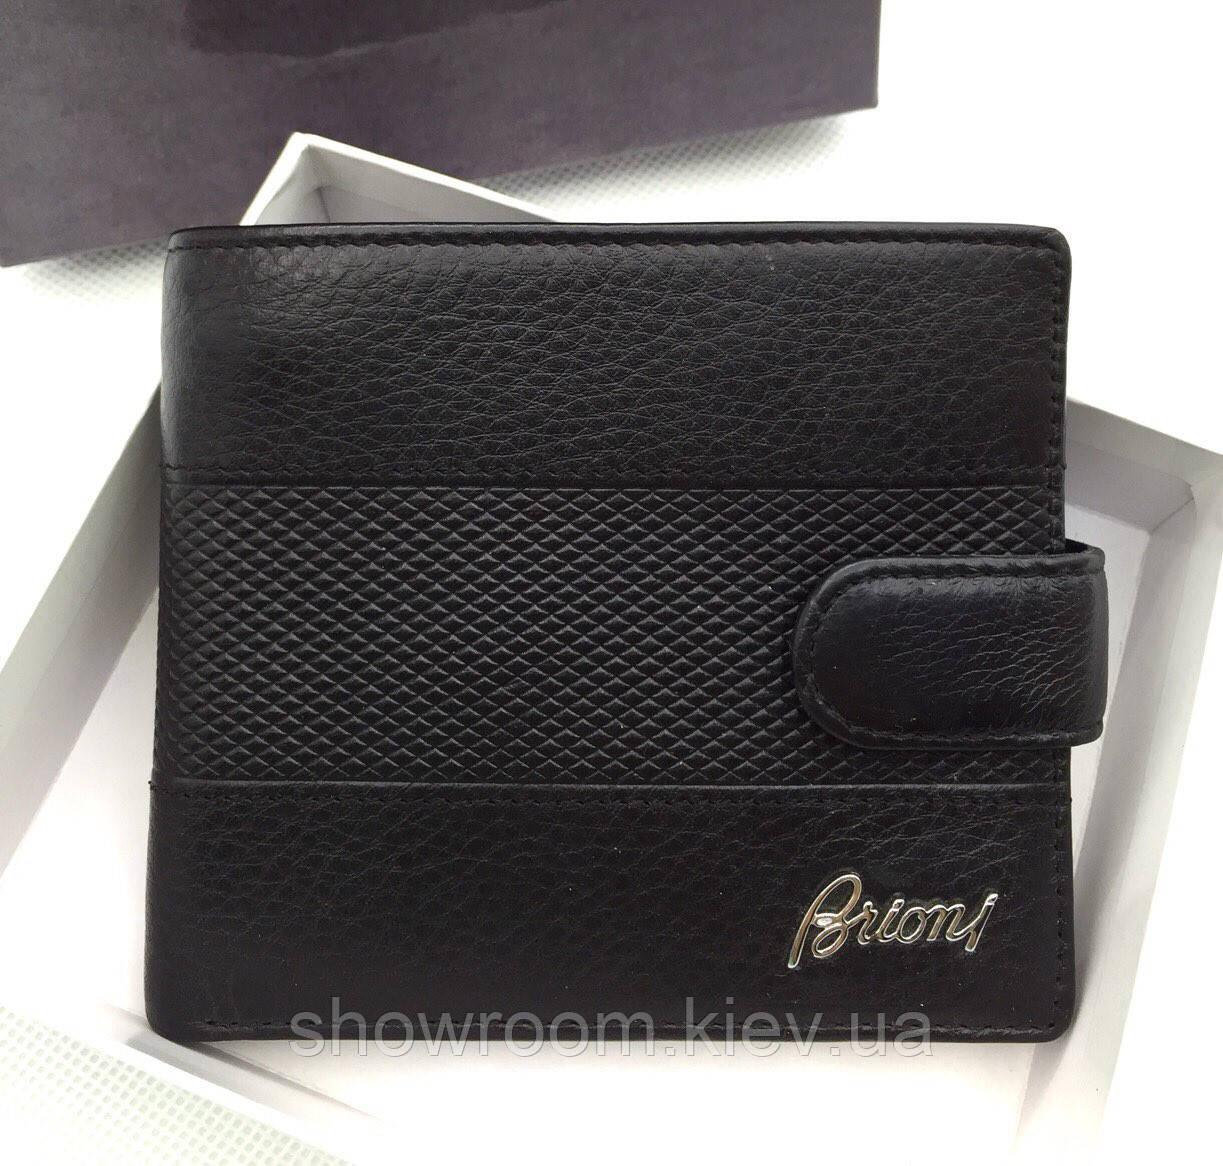 Мужское портмоне в стиле Brioni (91006) black